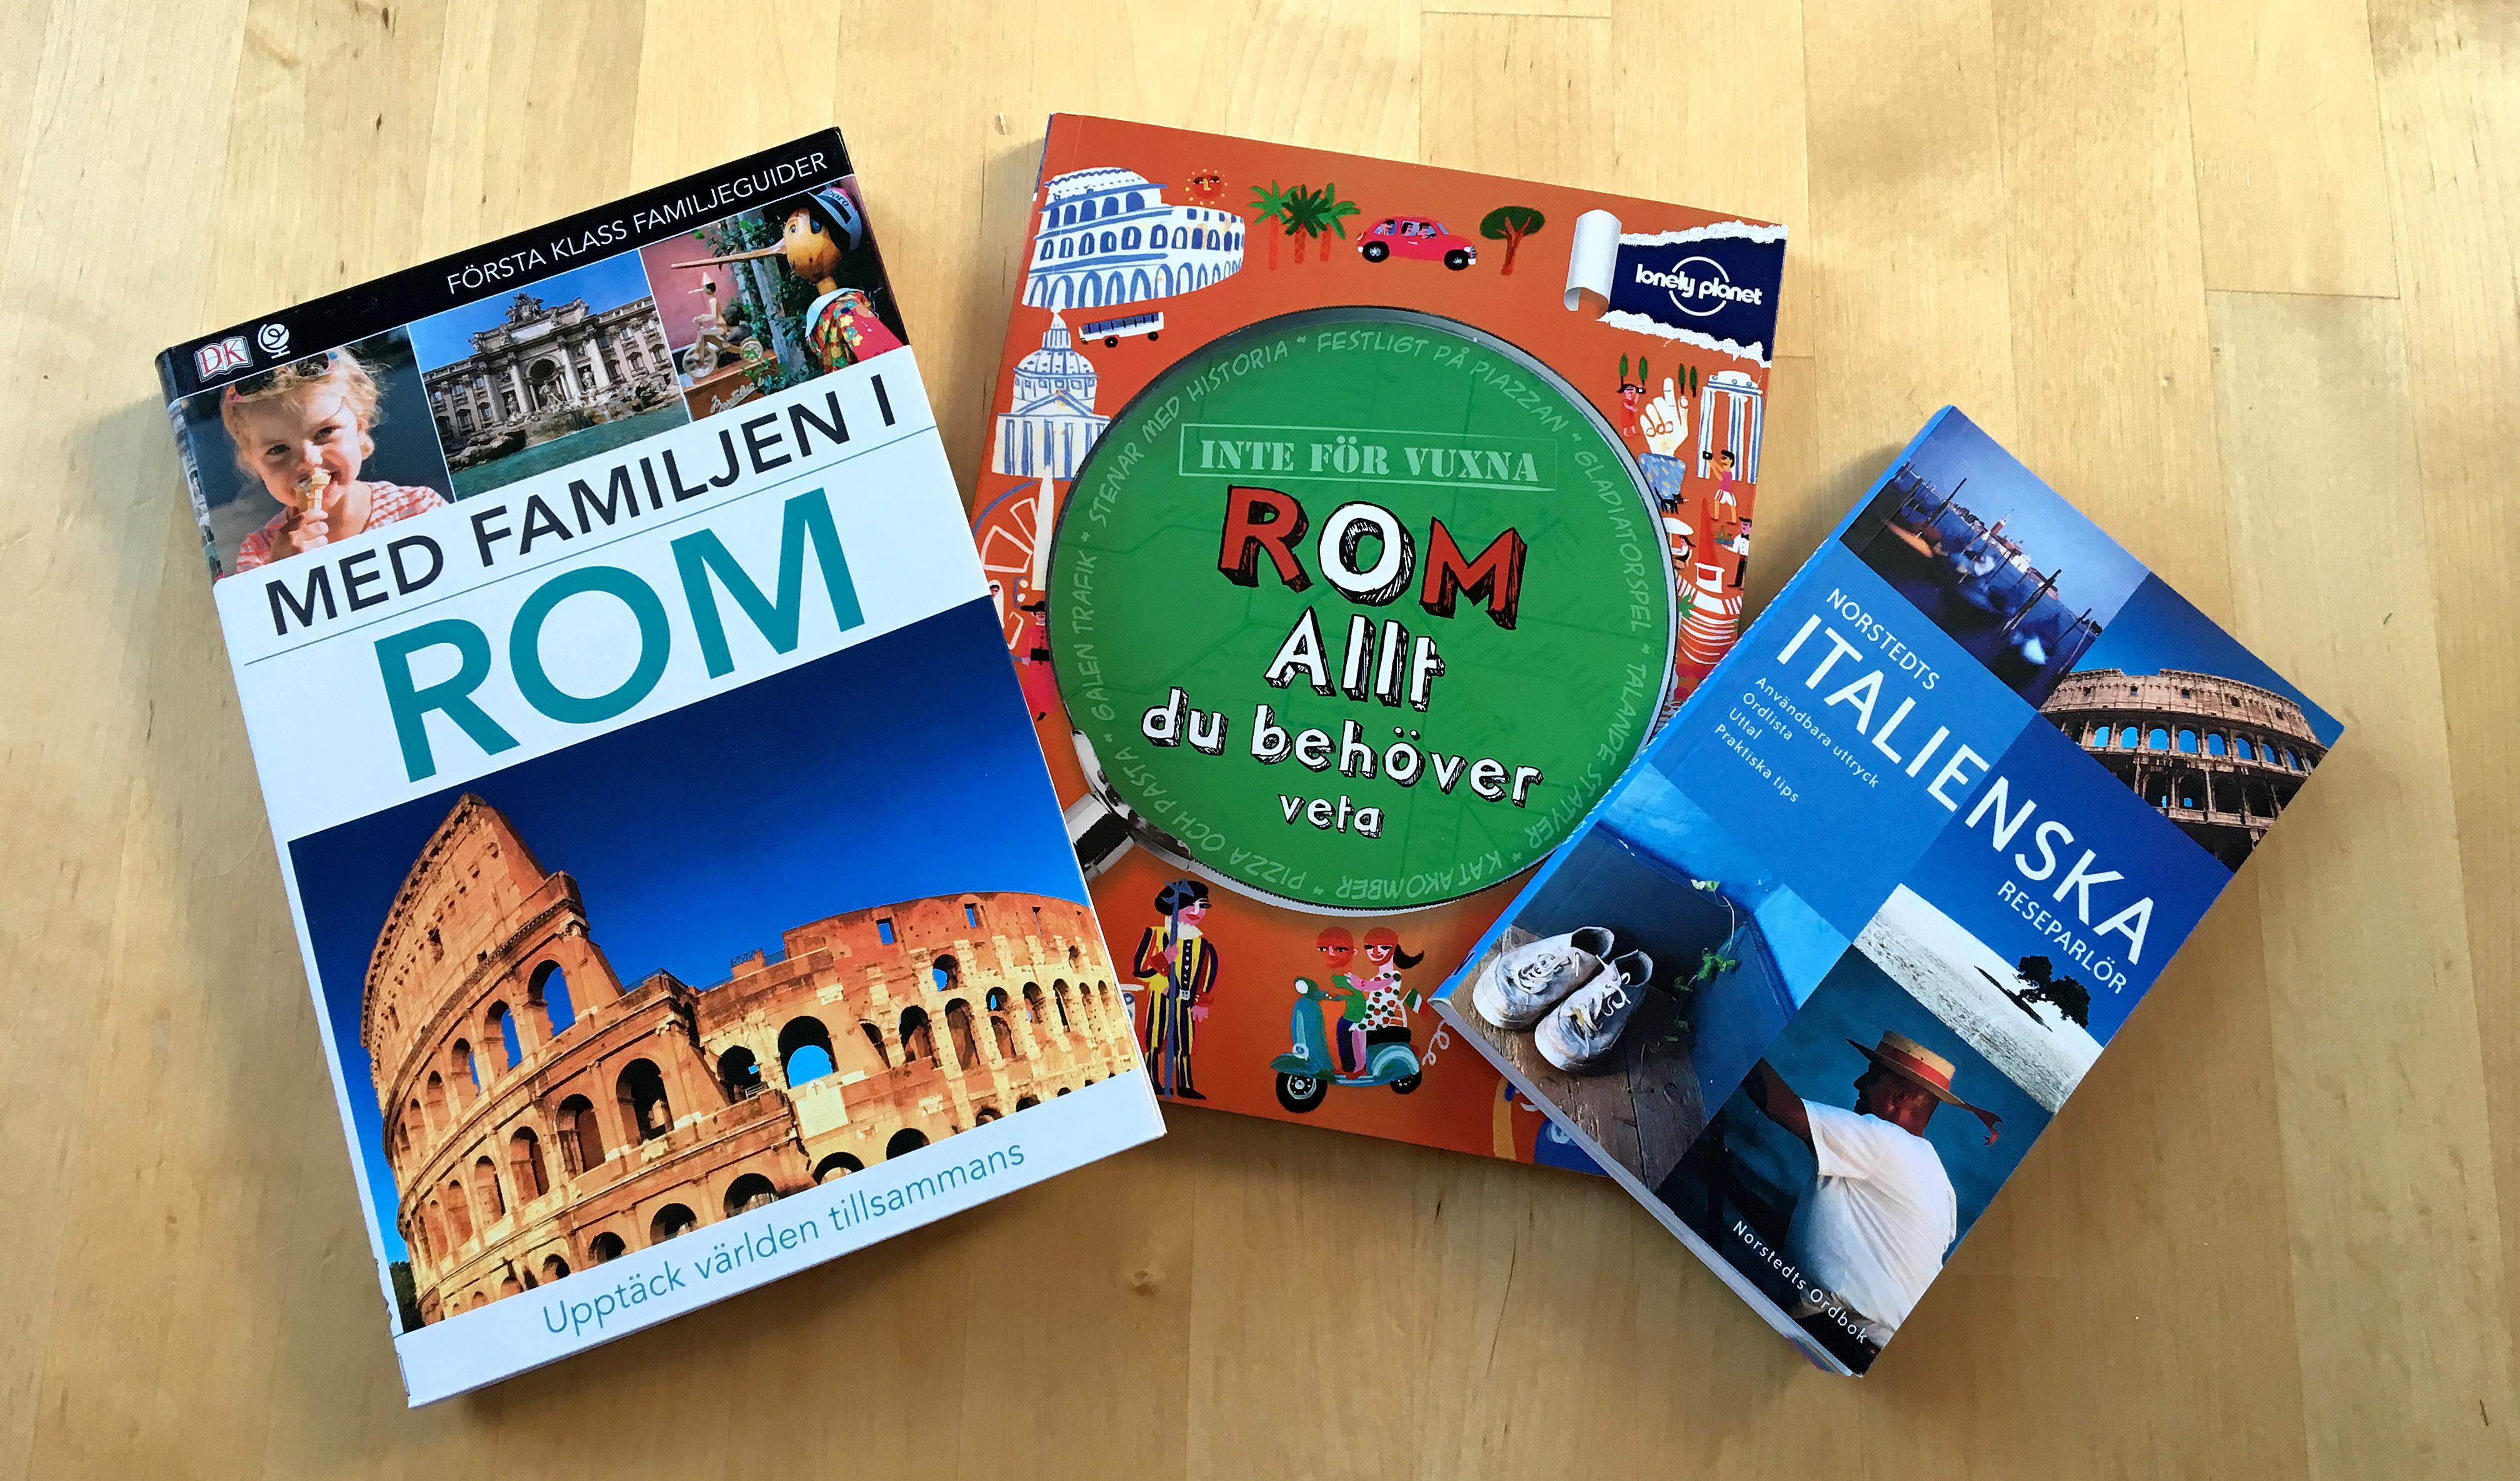 Planering inför vår resa till Rom